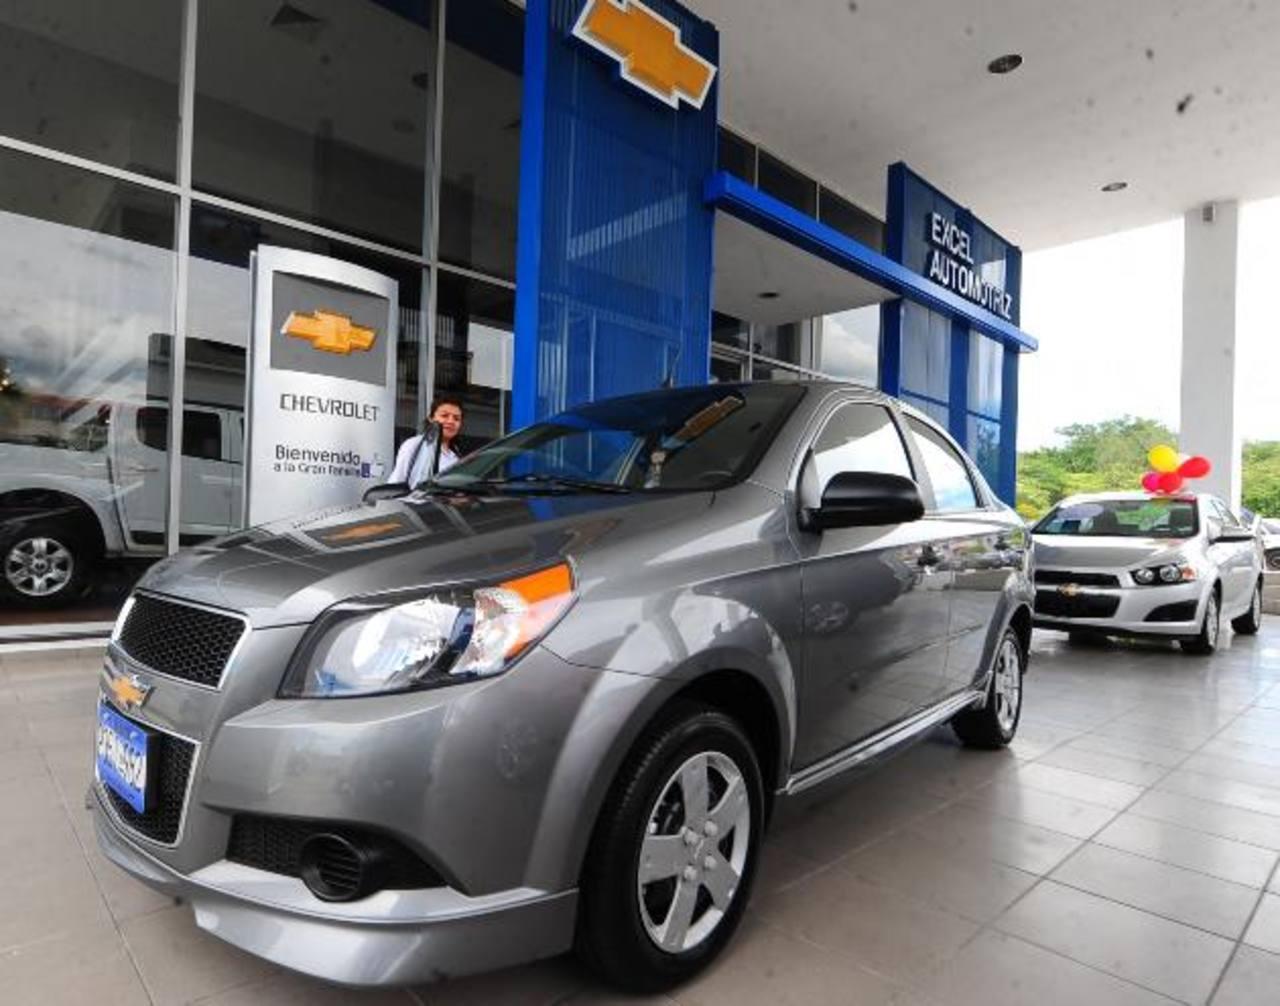 Durante 30 días, hasta el 10 de julio, Chevrolet tendrá precios especiales en todos sus modelos de autos. foto edh / huber rosales